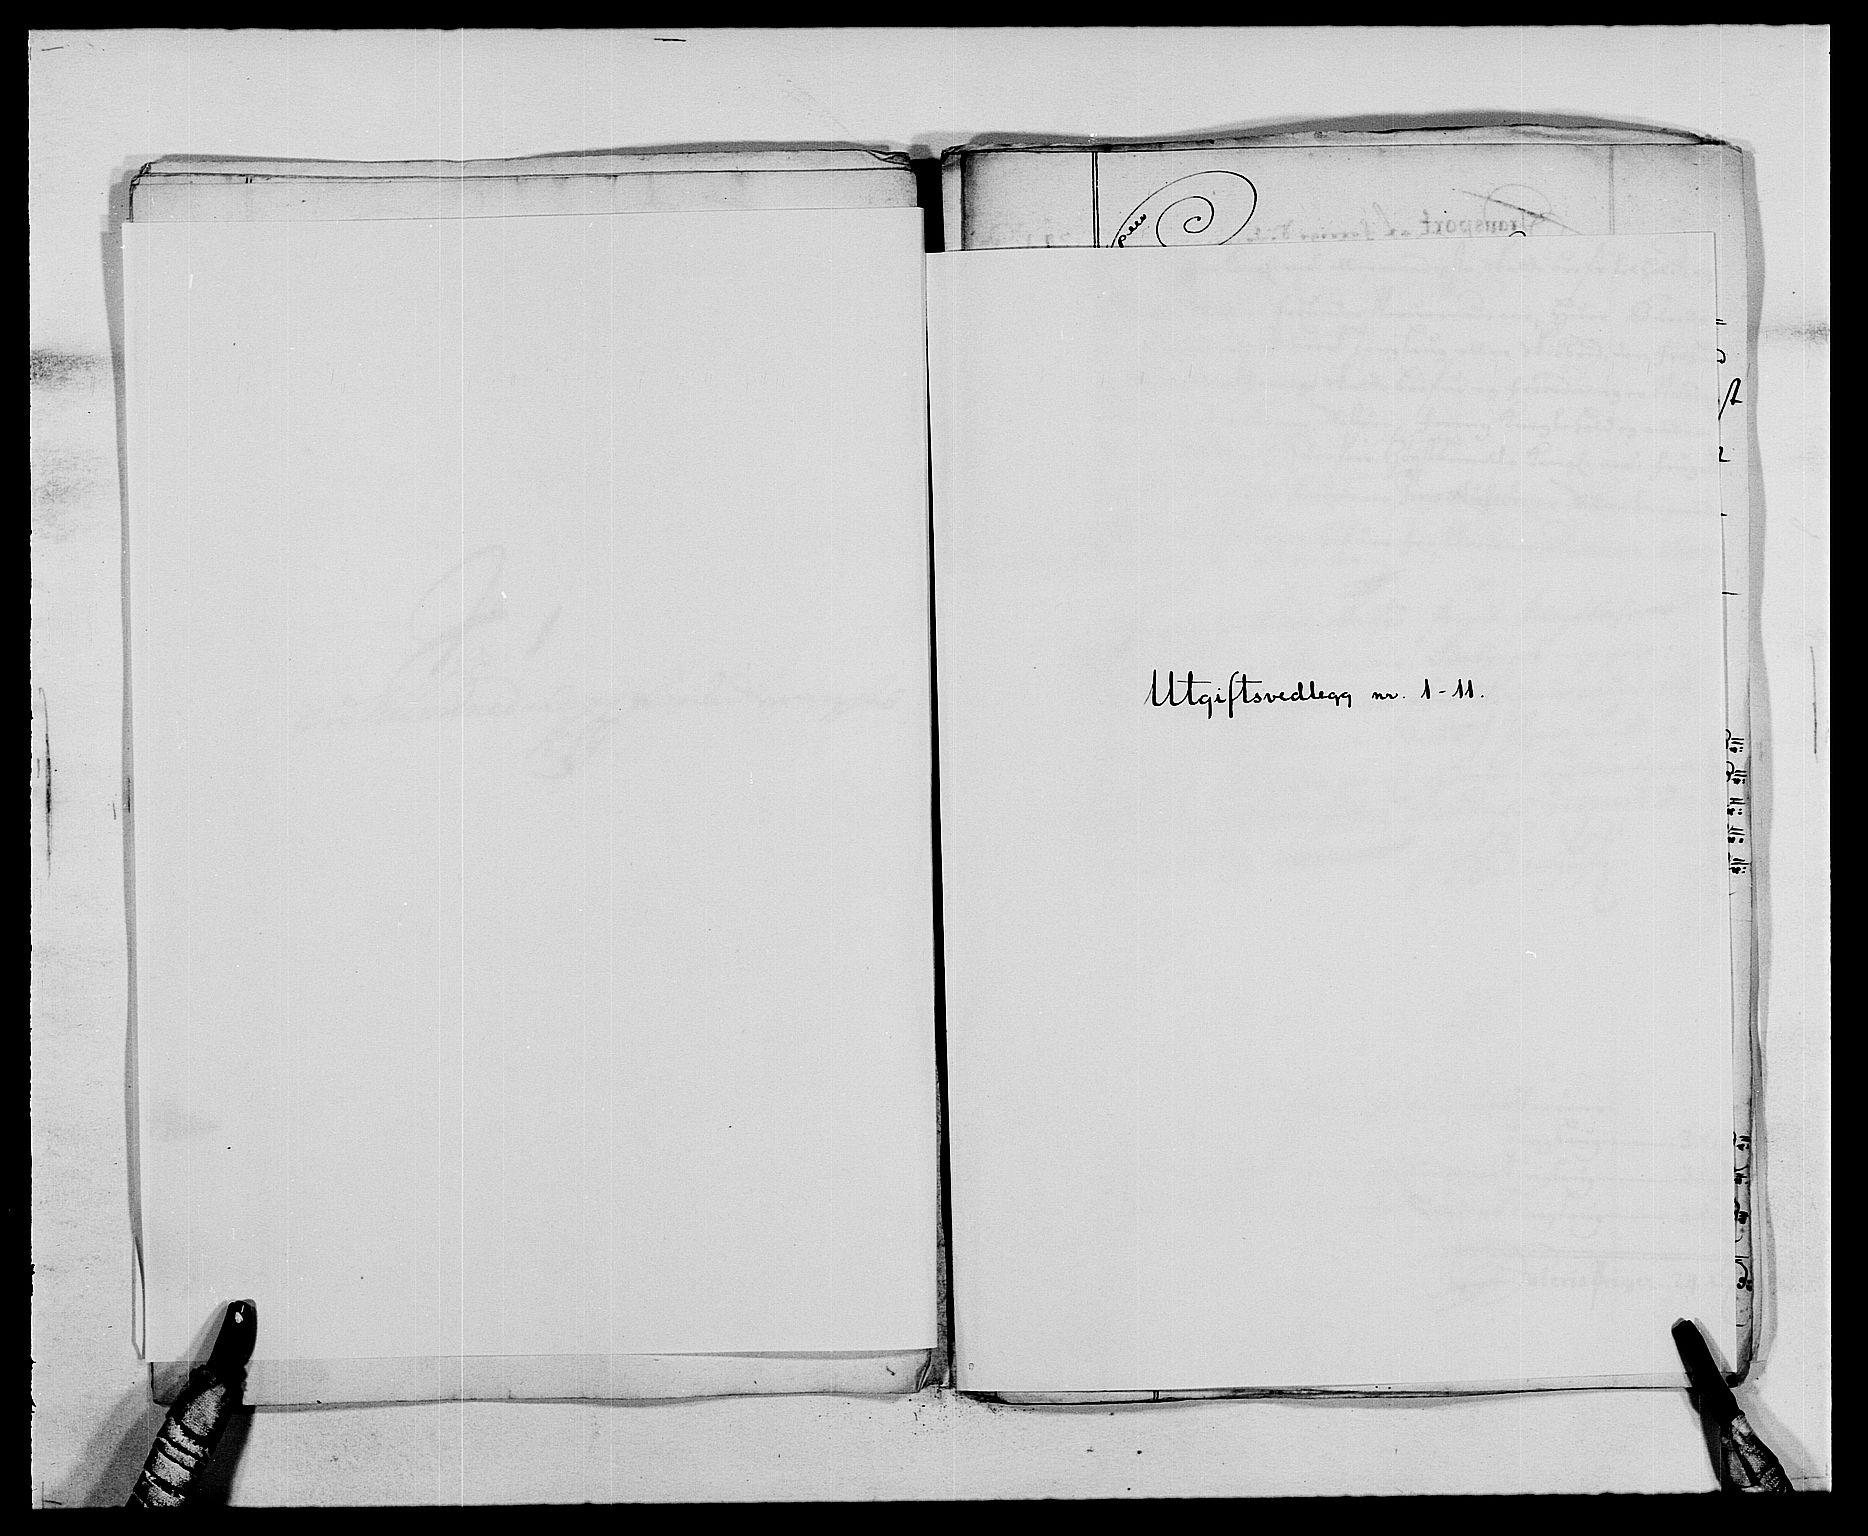 RA, Rentekammeret inntil 1814, Reviderte regnskaper, Fogderegnskap, R64/L4422: Fogderegnskap Namdal, 1687-1689, s. 290